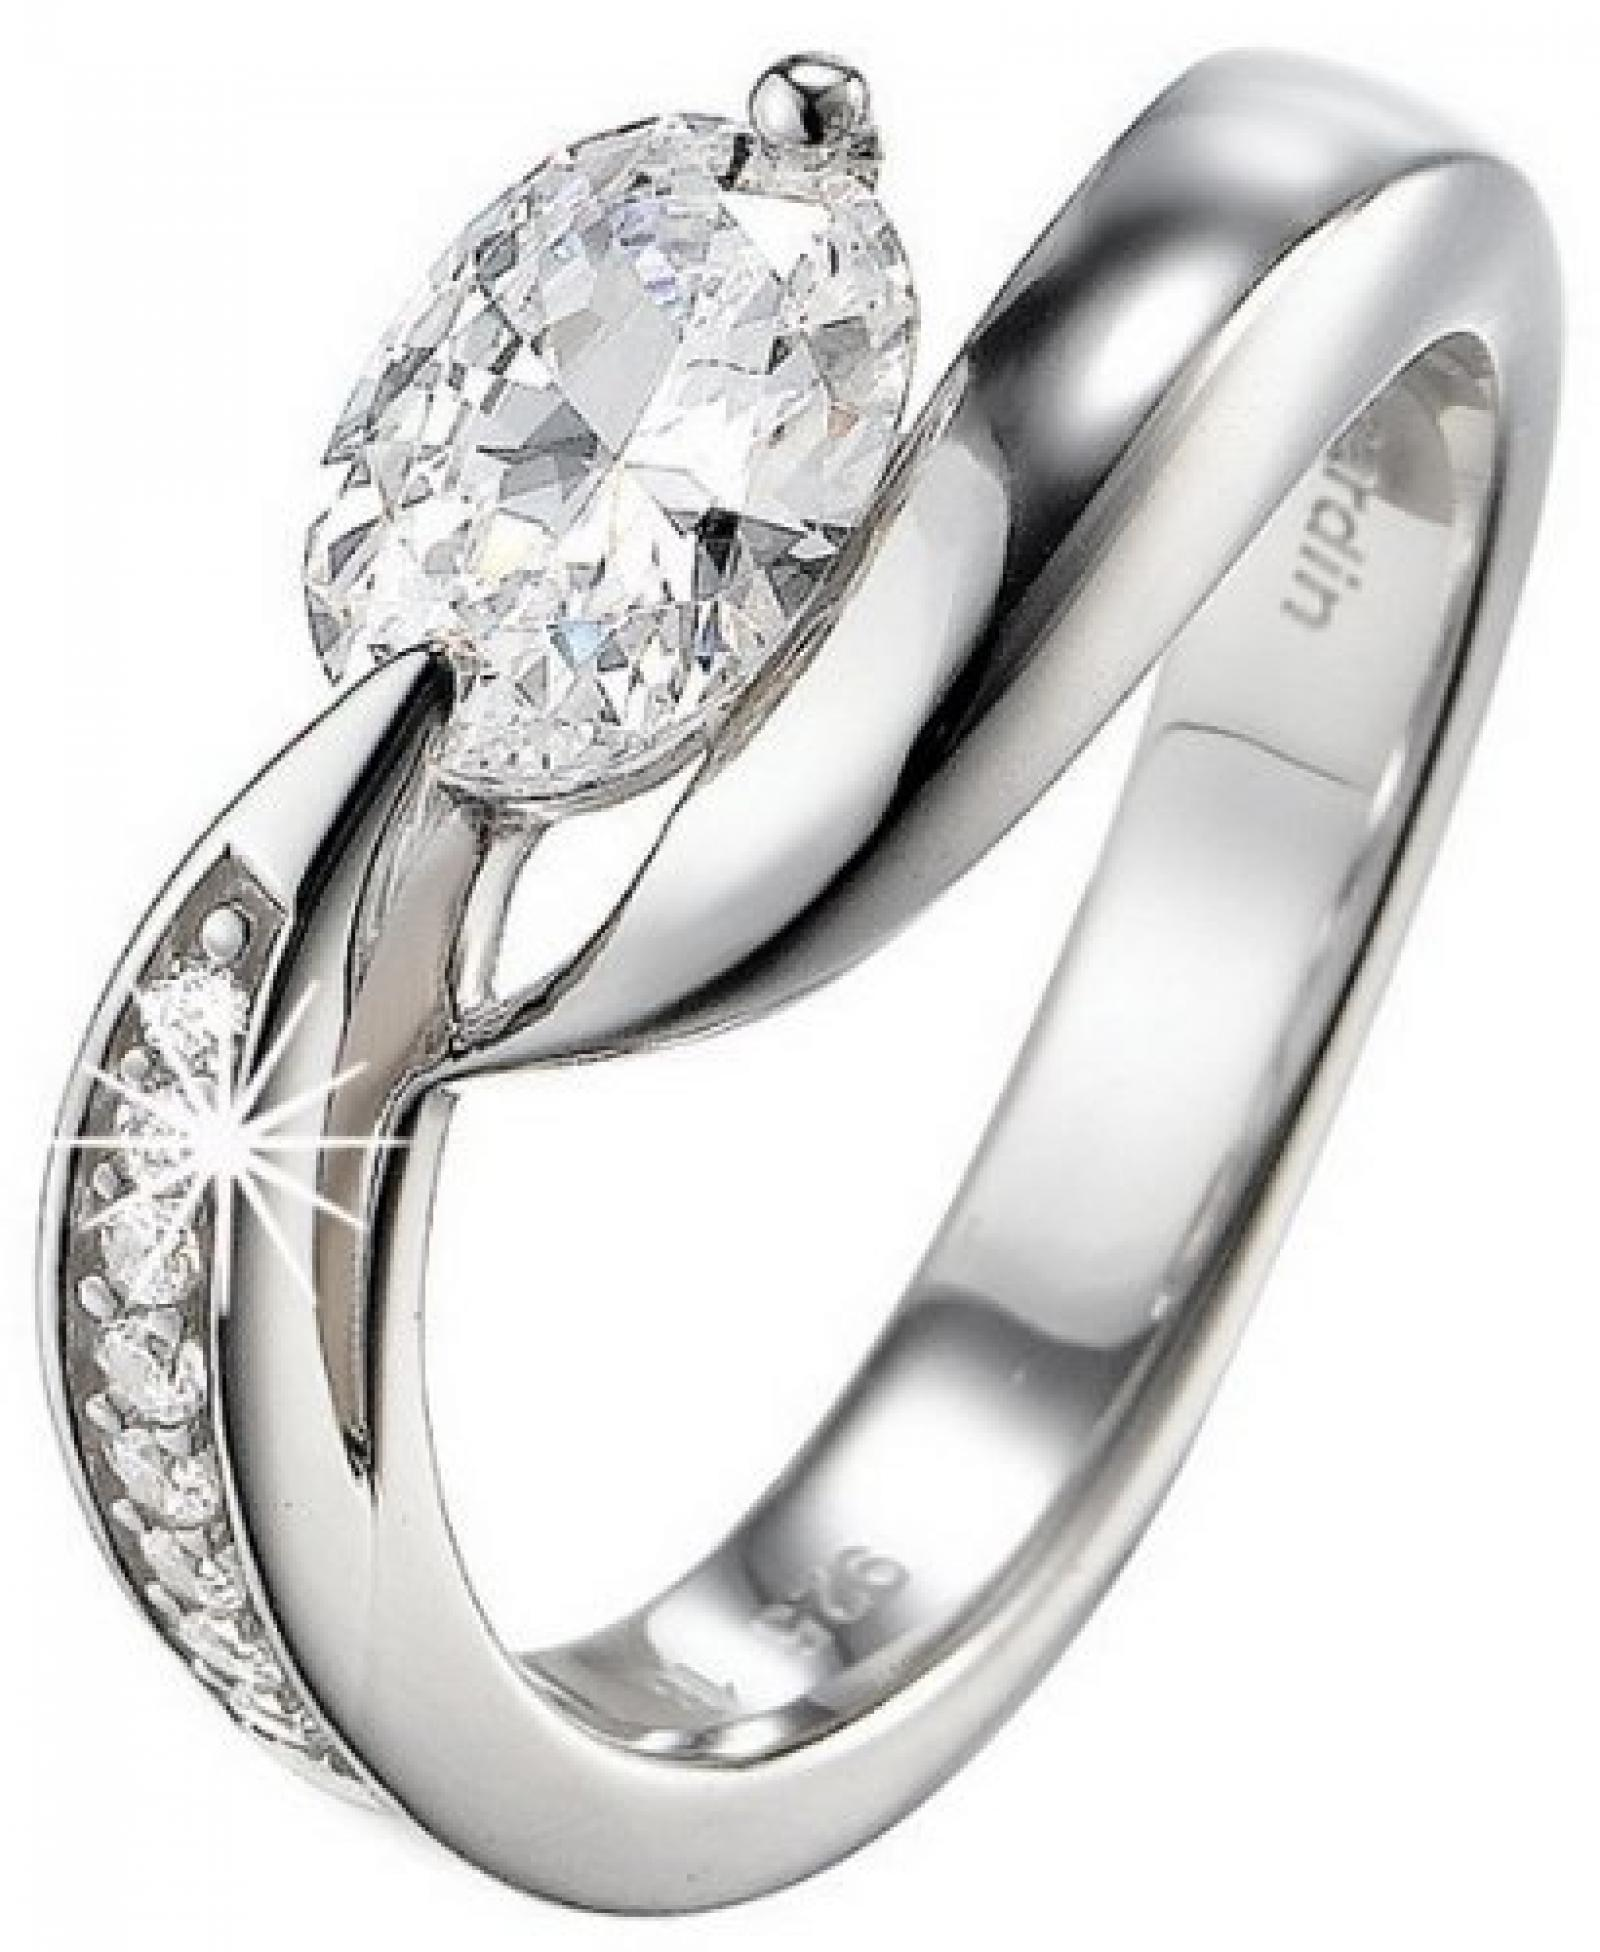 Pierre Cardin Damen-Ring 925 Sterling Silber rhodiniert Kristall Zirkonia Etoile filante weiß Gr.50 (15.9) PCRG90307A160